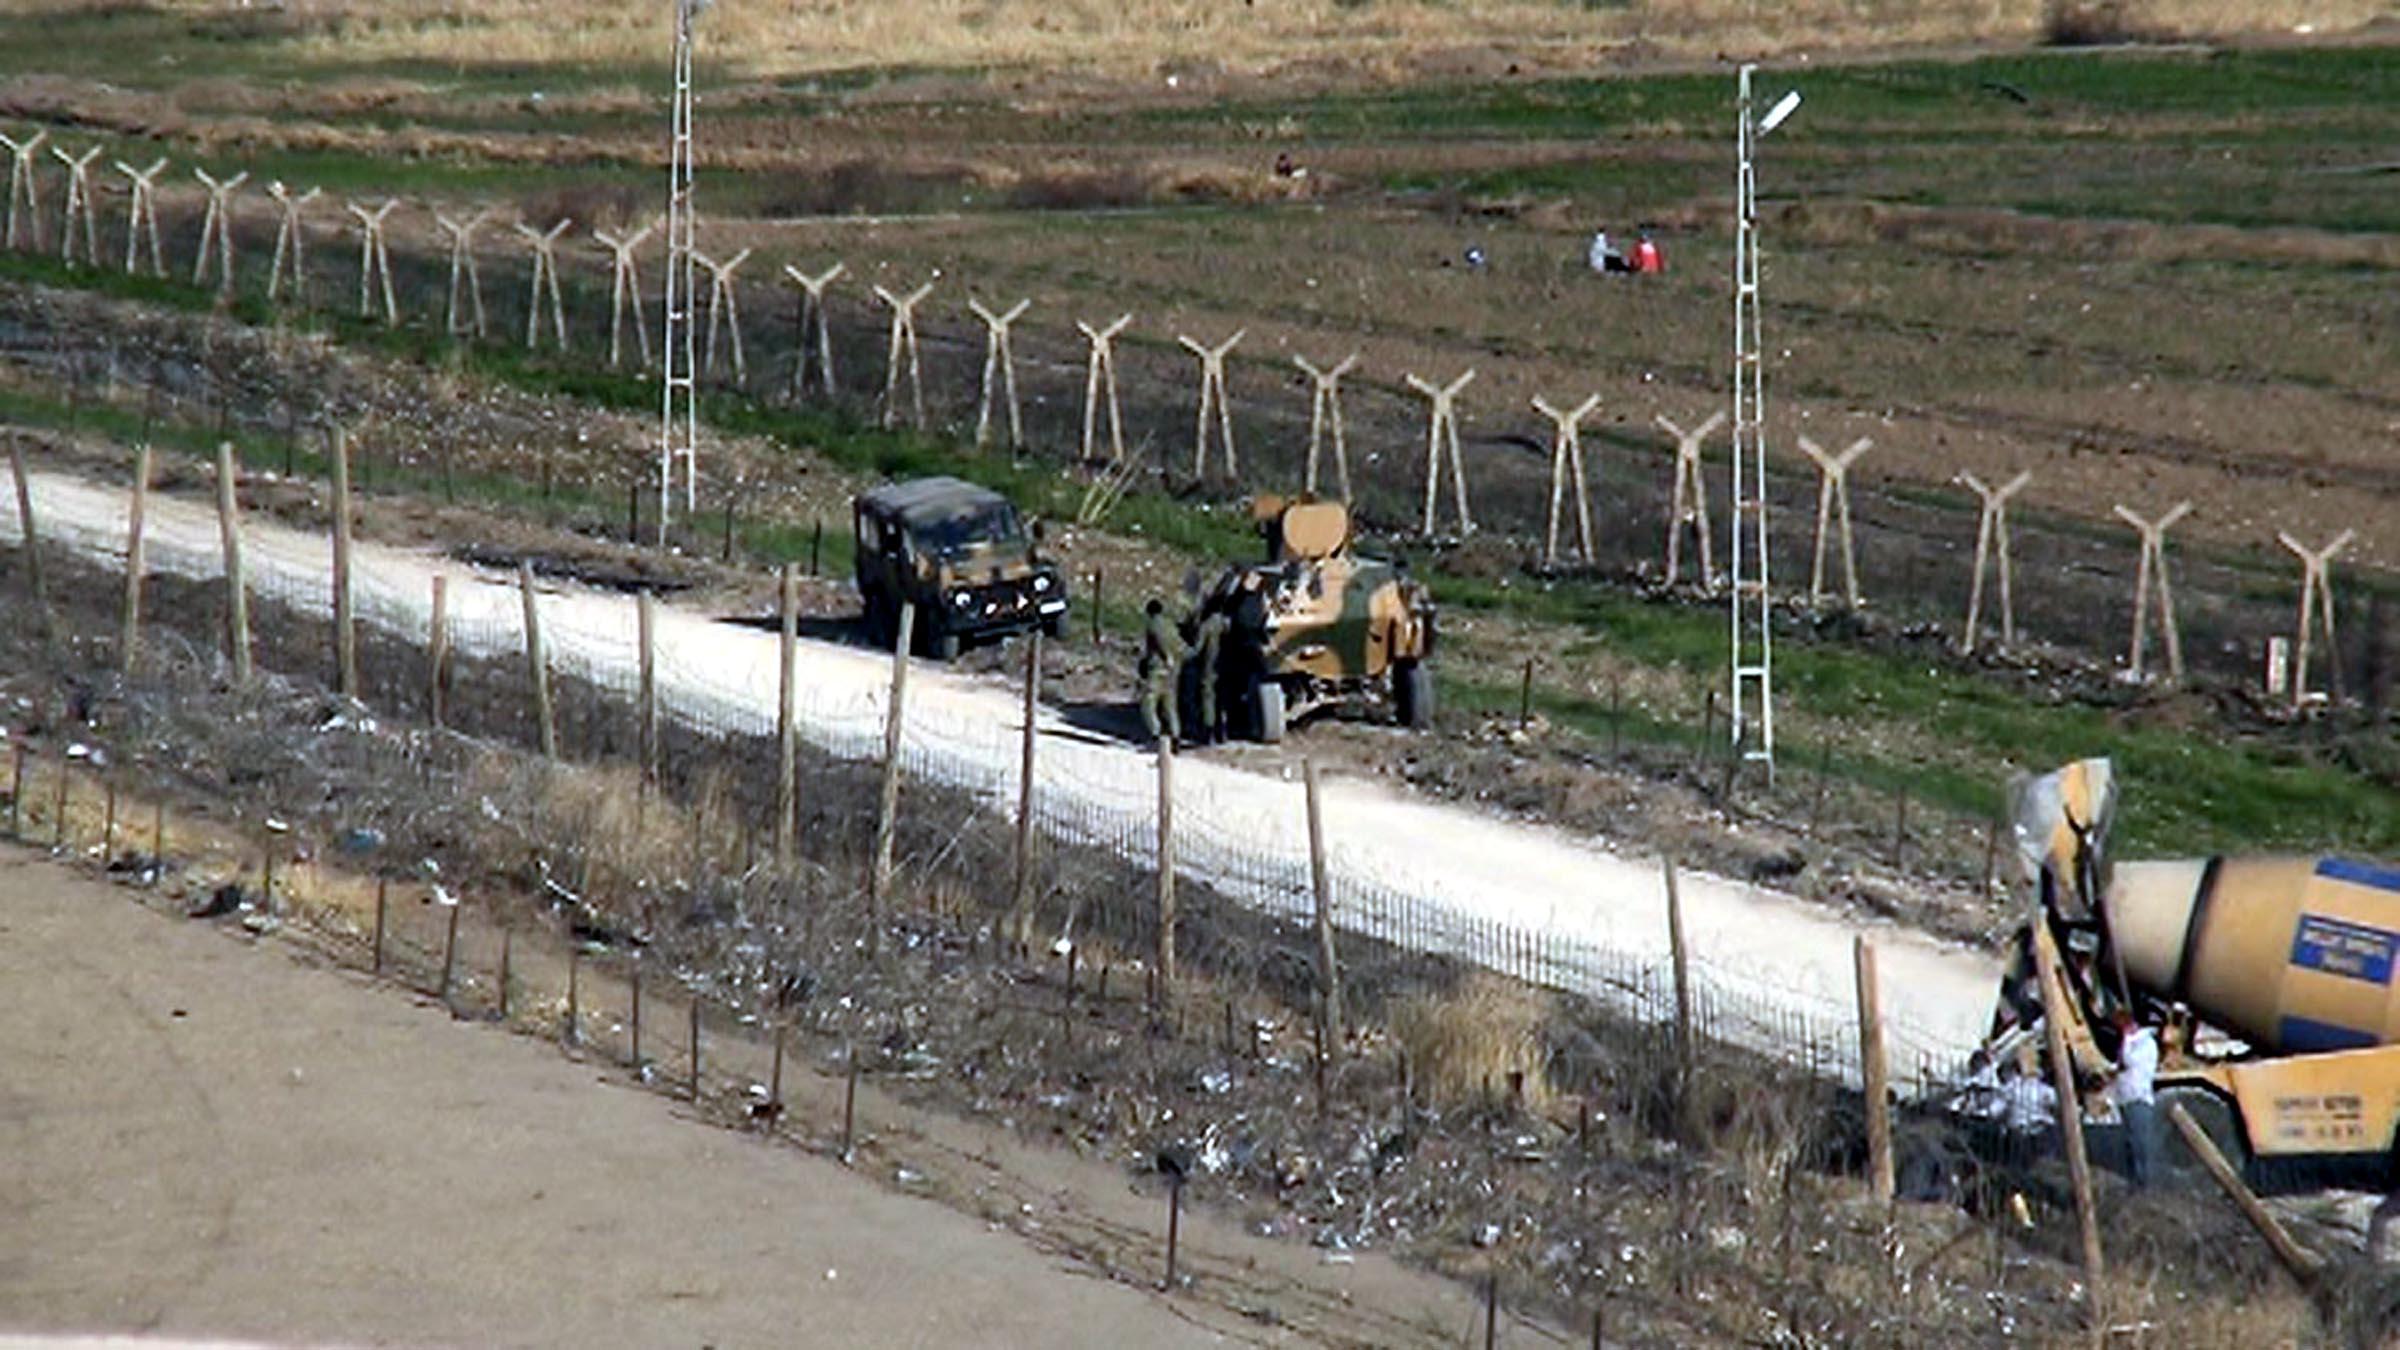 Suriye sınırı 'güvenli' hale geliyor mu?